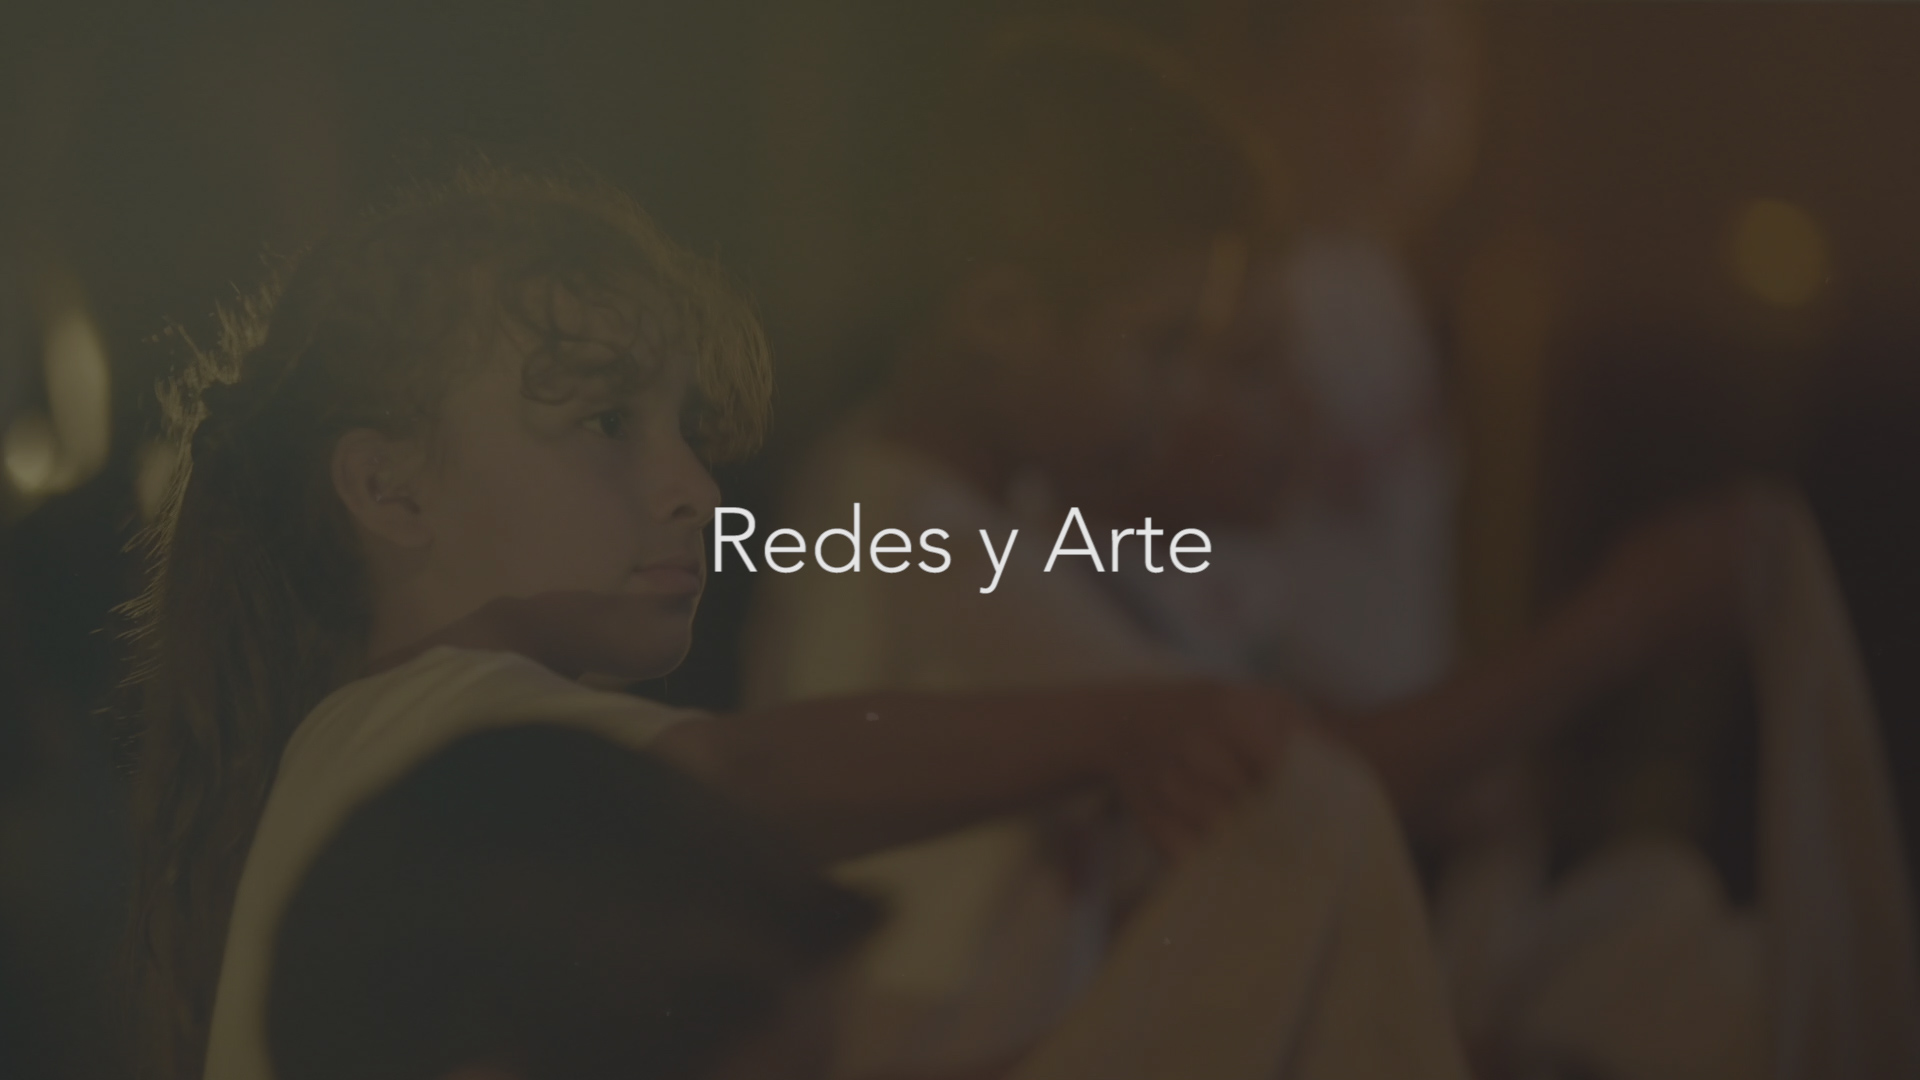 Redes y Arte